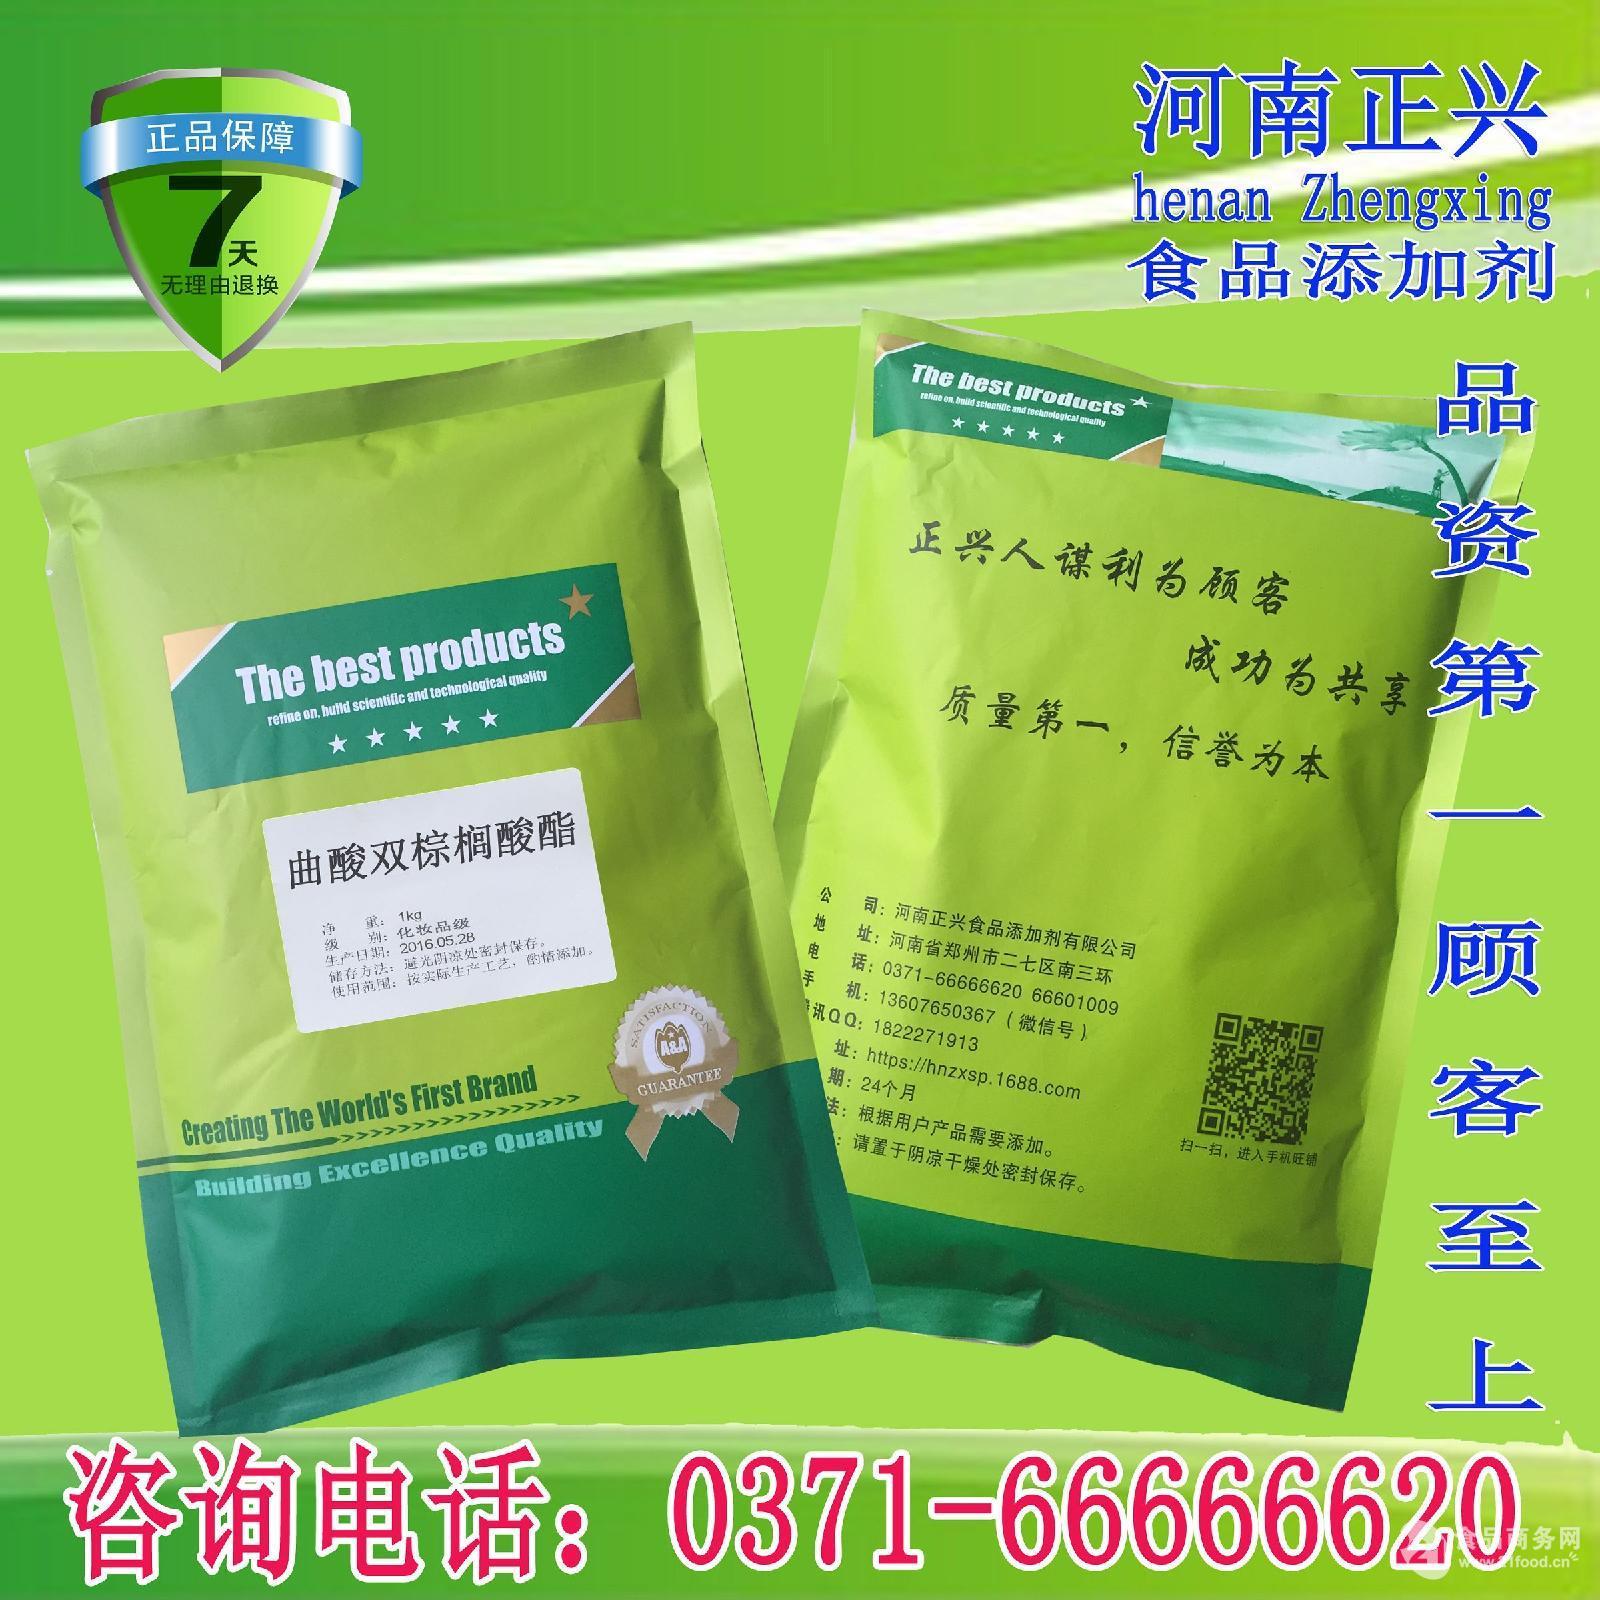 厂家直销:曲酸衍生物 曲酸双棕榈酸酯 美白